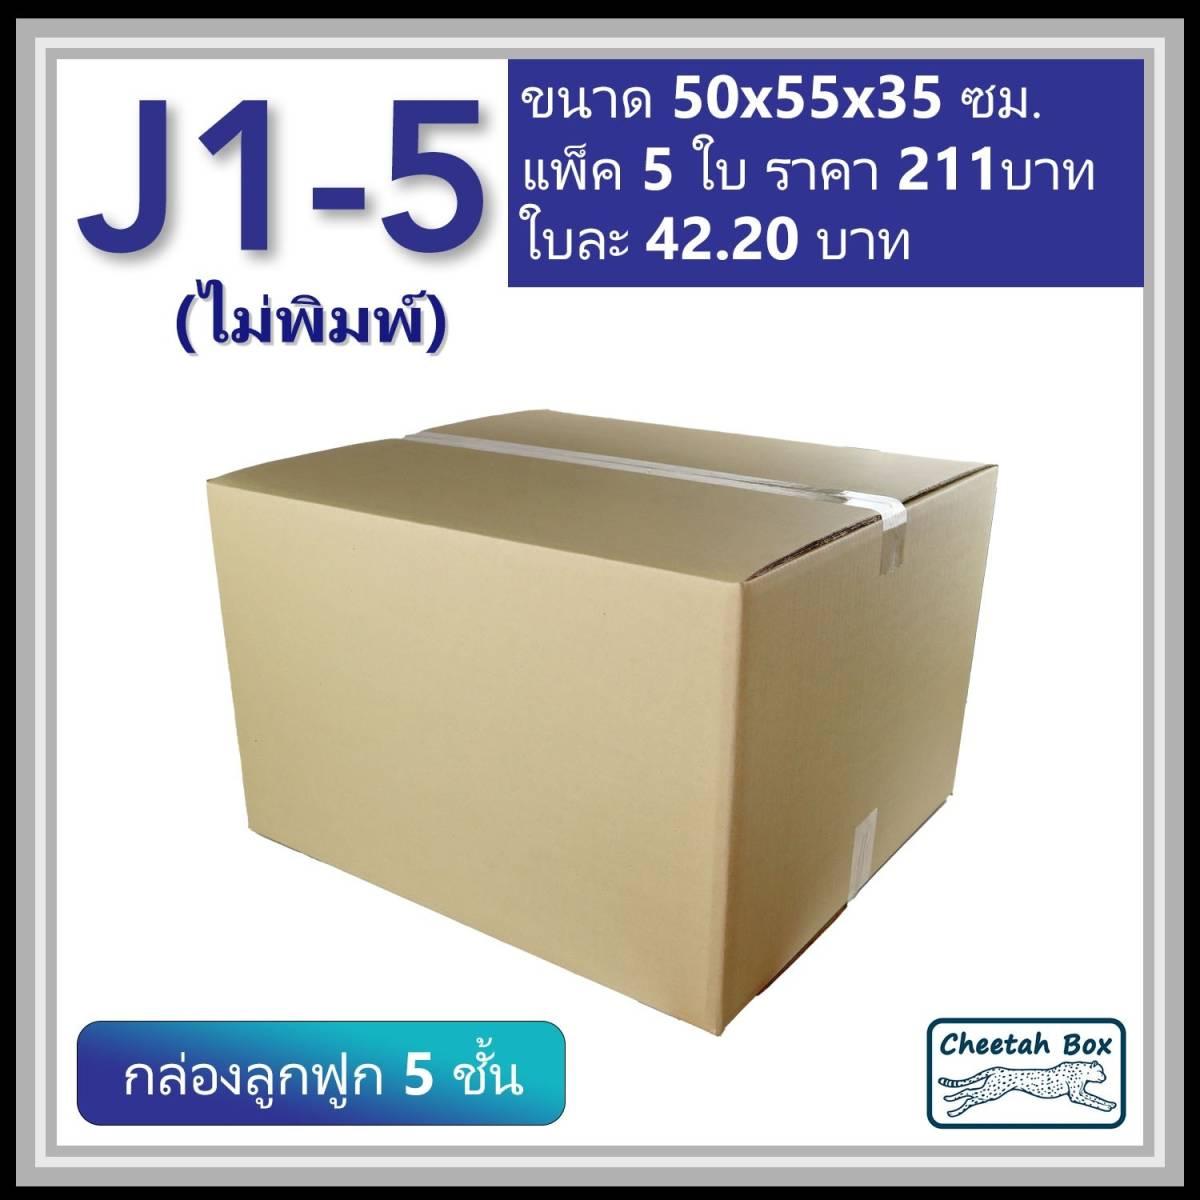 กล่องพัสดุขนาดใหญ่ J1-5 ลูกฟูก 5 ชั้น (Cheetah Box ขนาด 50*55*35 CM)